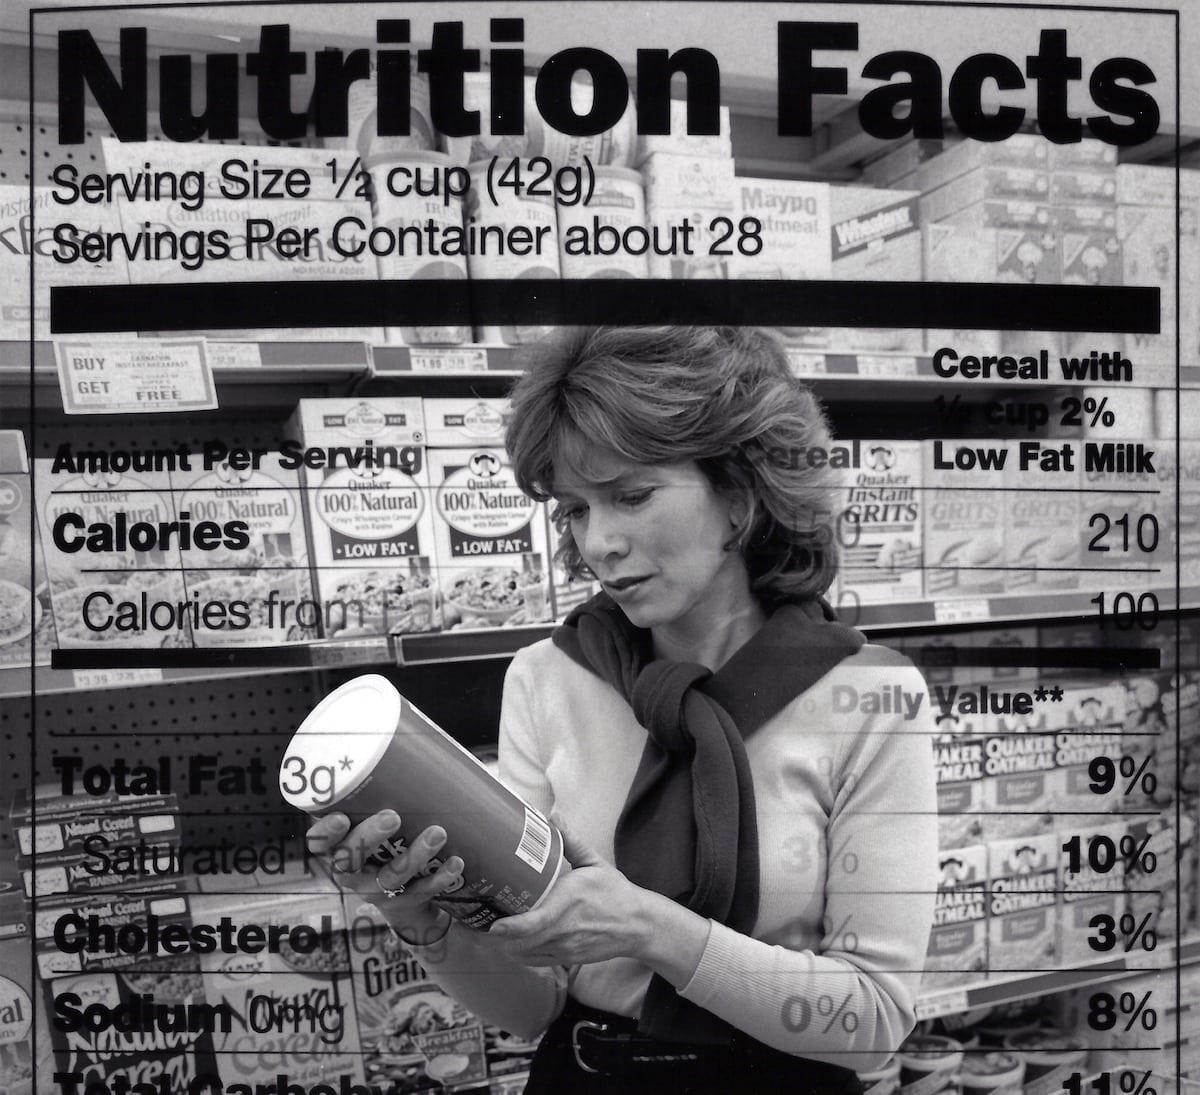 light, diet, zero, fit, alimentos, dieta, o que é, saúde